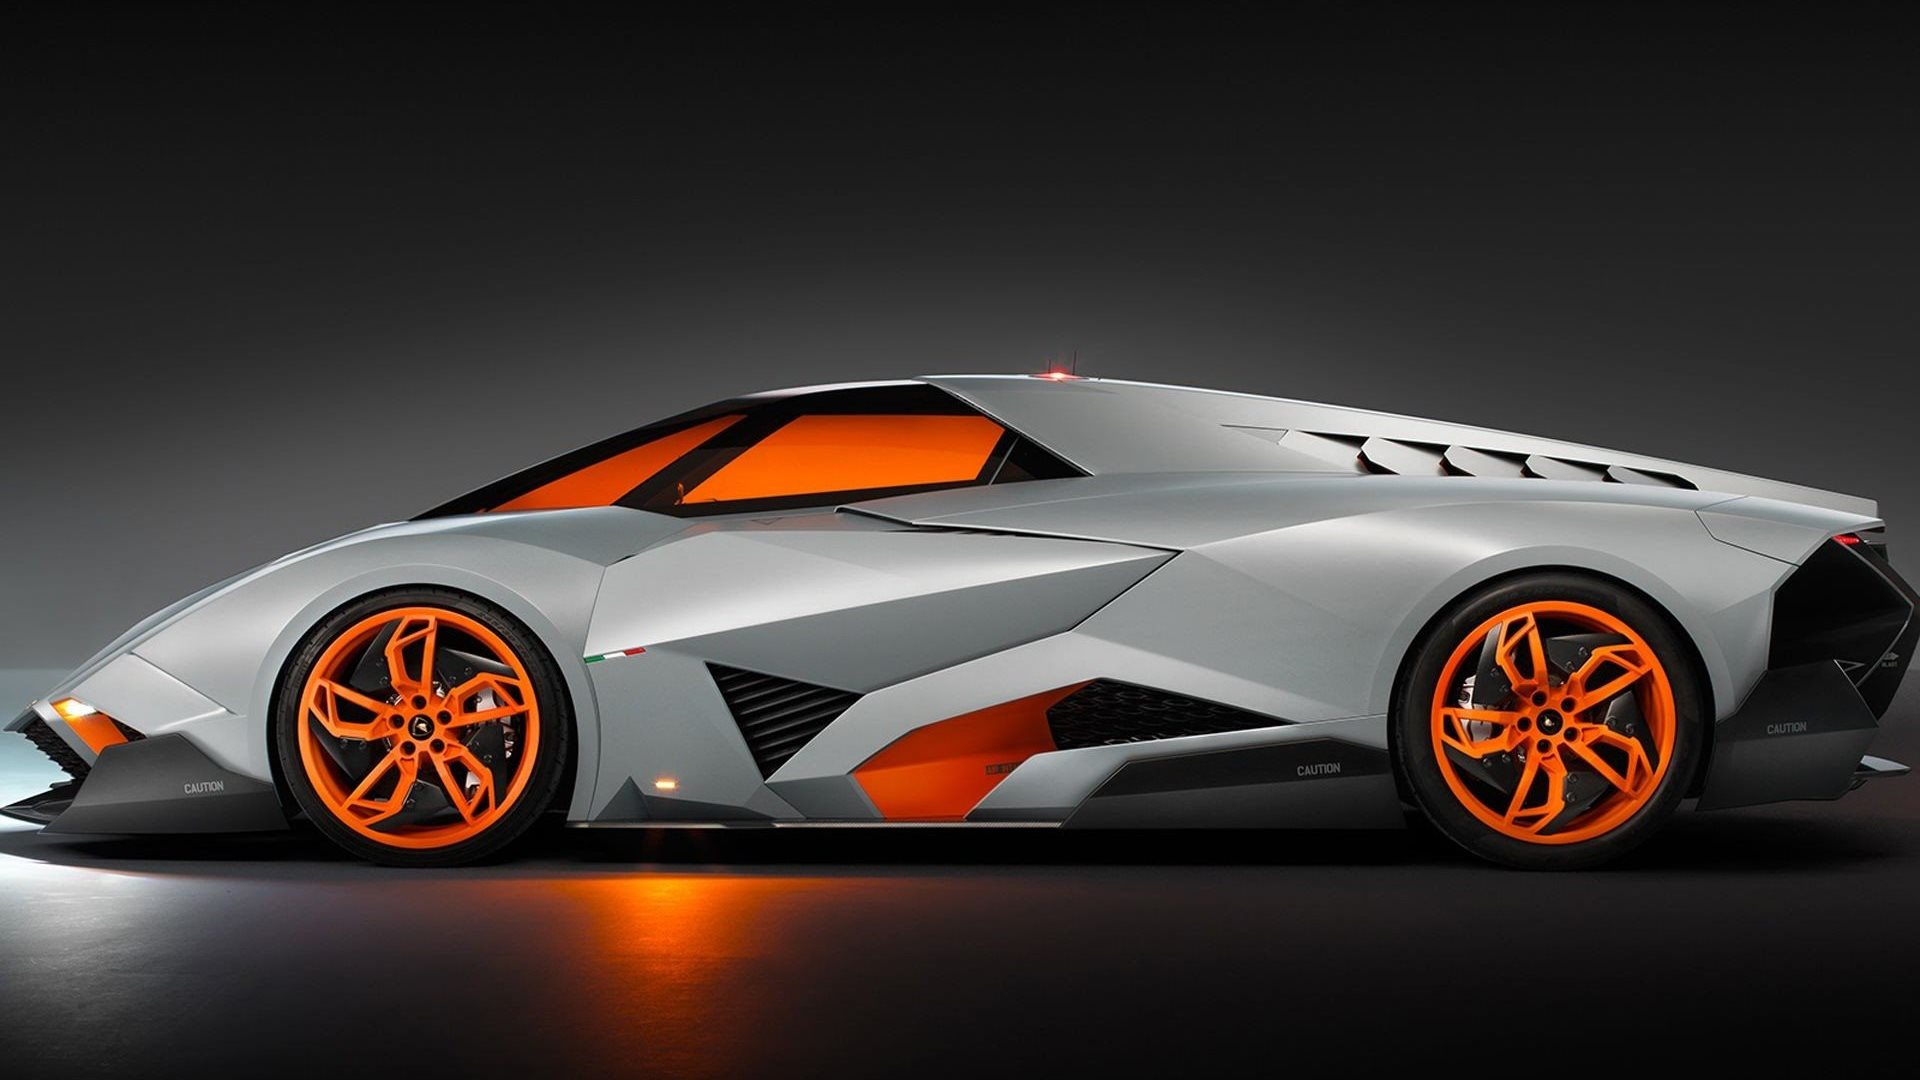 2014 Lamborghini Gallardo 16 Cool Car Wallpaper